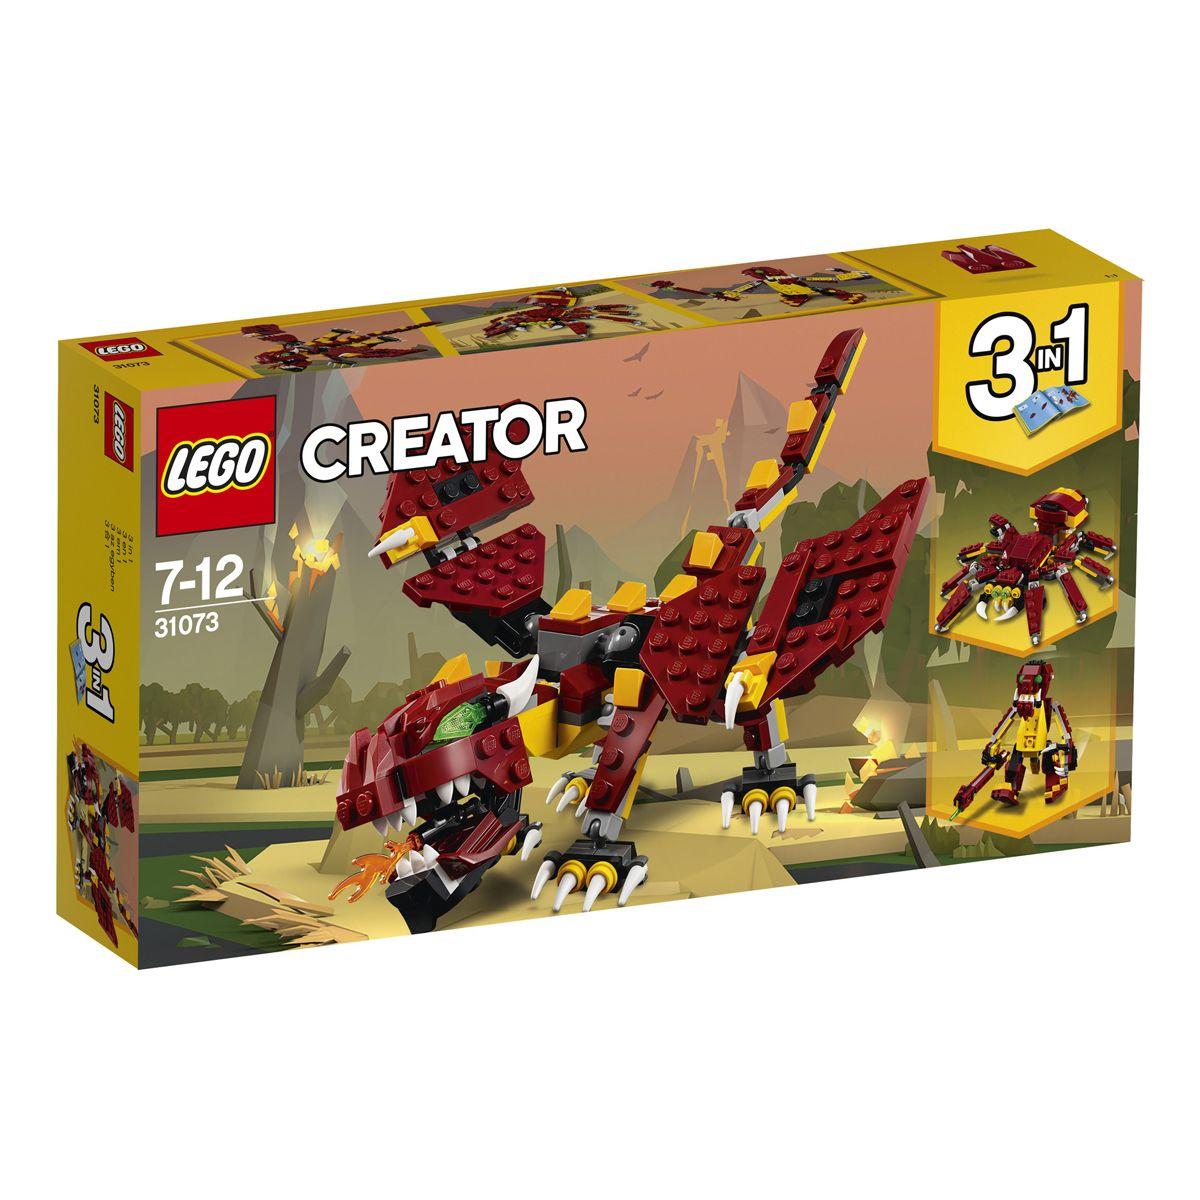 Lego Creator 1 En Robots Et Mythiques Créatures Les 3 31073 0nOP8wkX